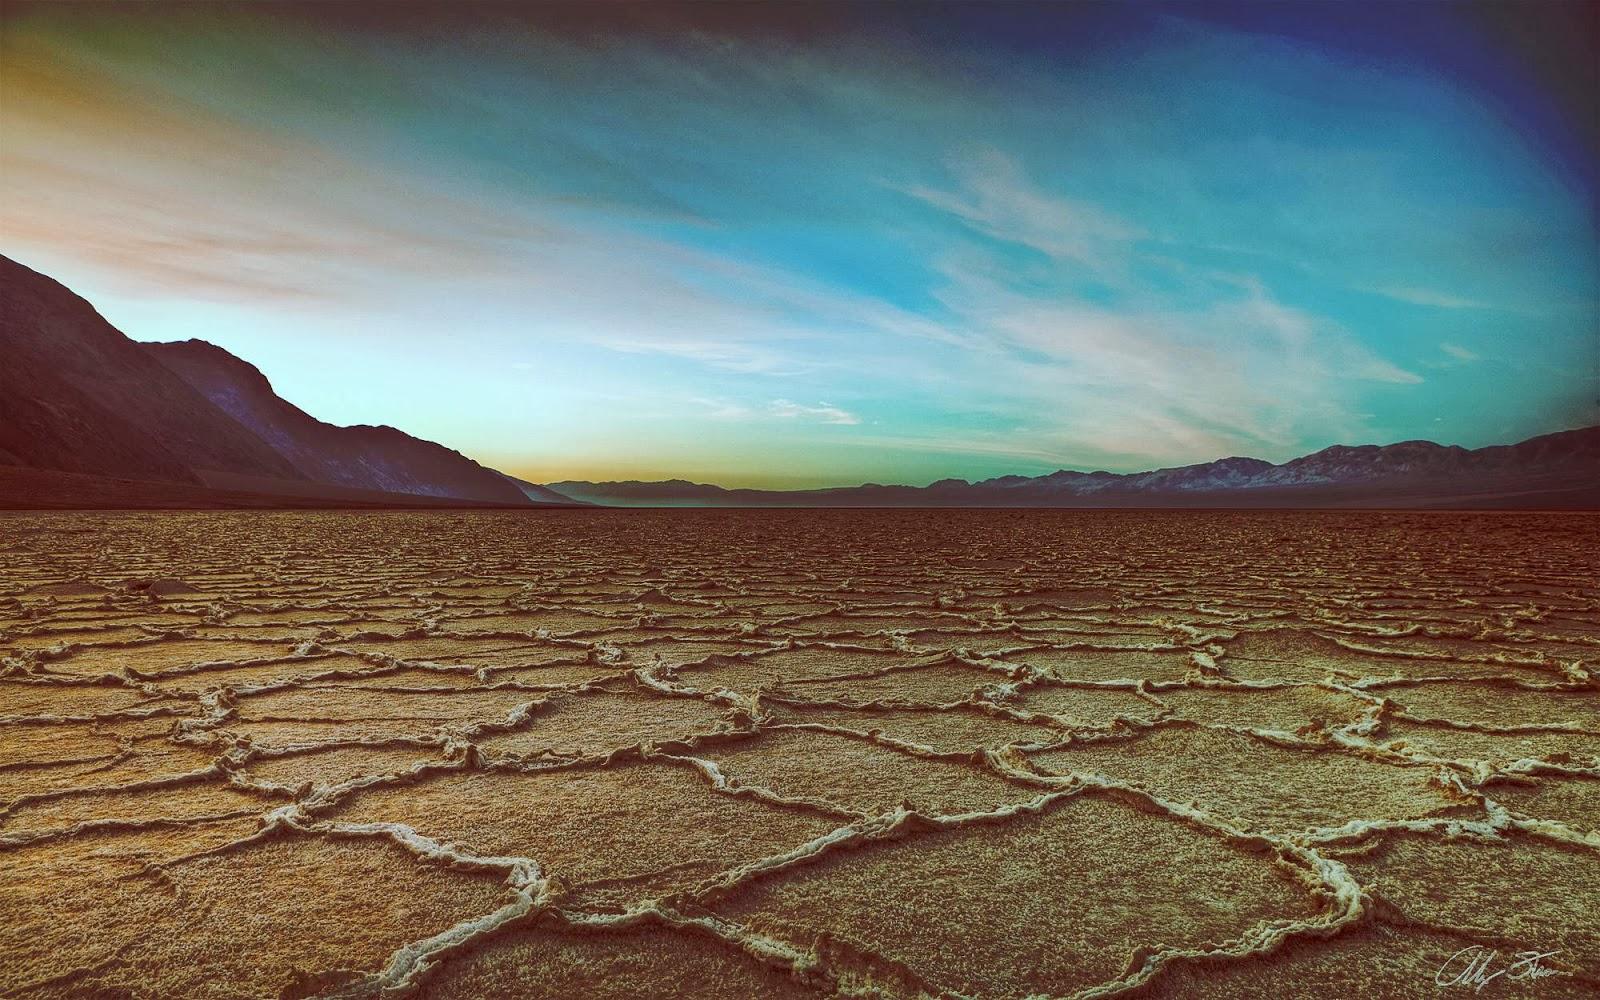 Imagenes Abstractas En Hd Para Descargar: Fondo De Pantalla Abstracto Suelo En El Desierto